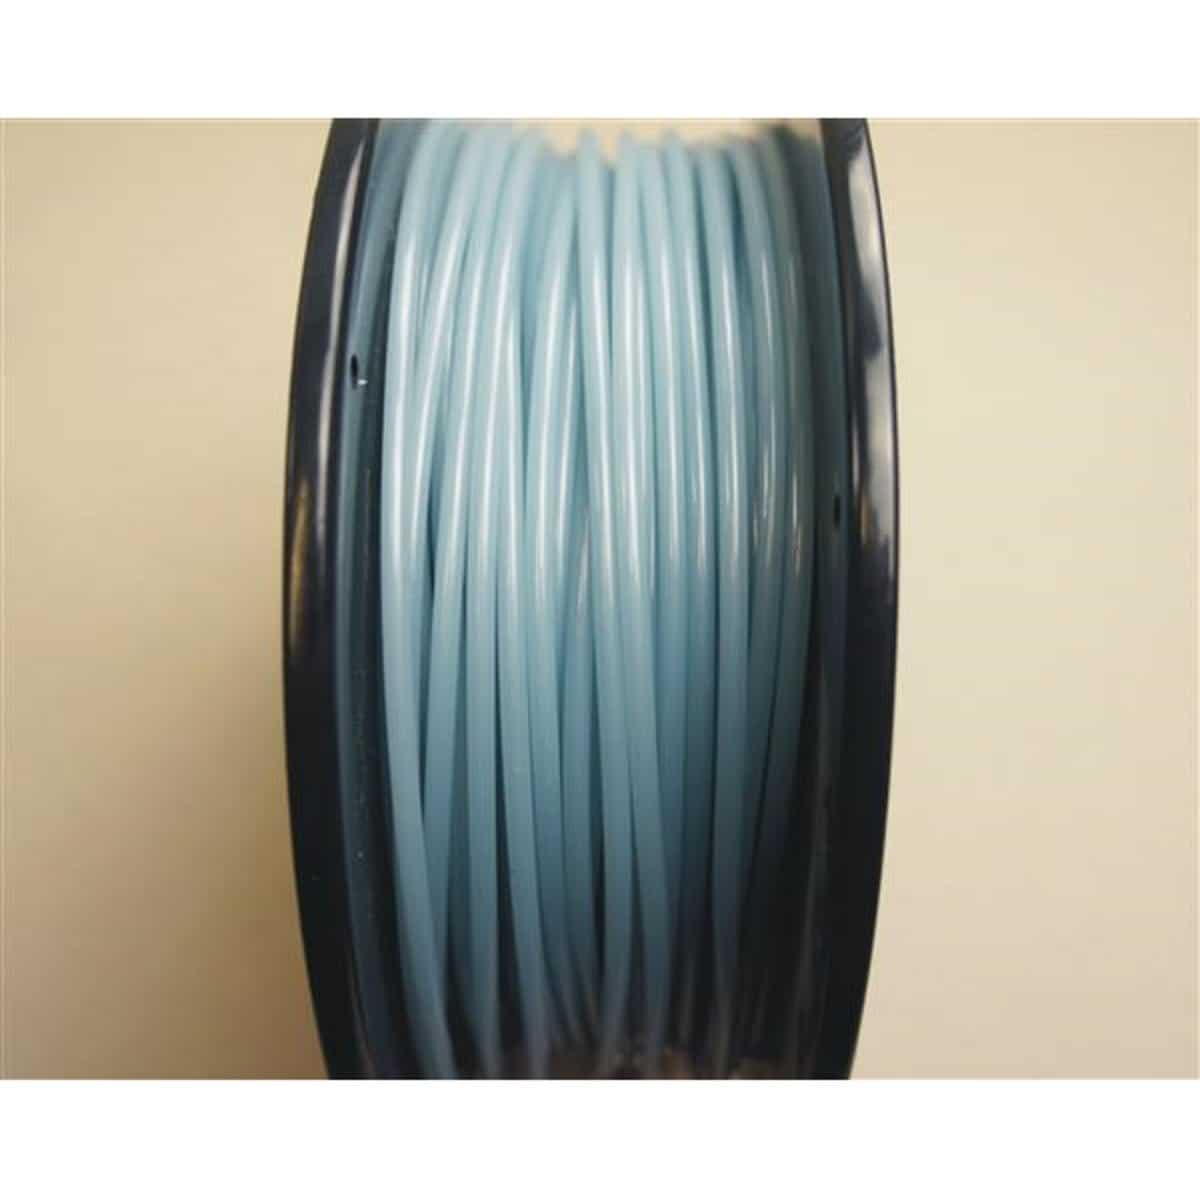 Billede af MOLDLAY Filament - 1.75mm - 0.75 kg